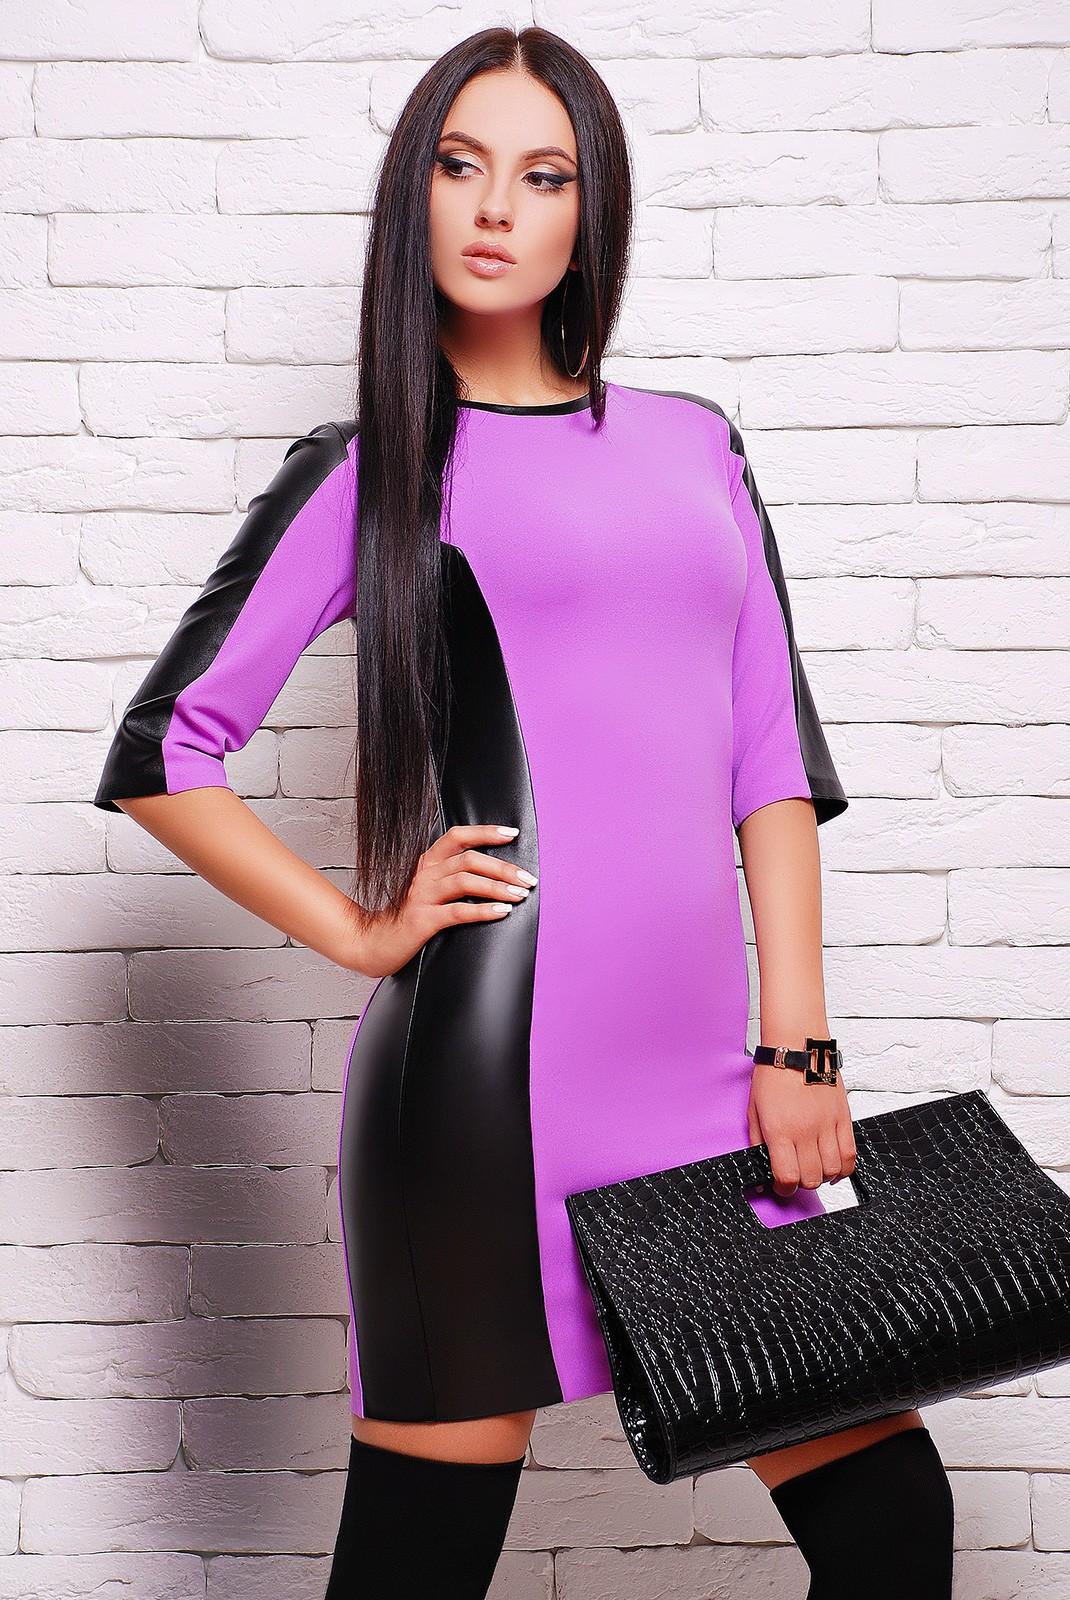 Сбор заказов. Элегантная ультрамодная коллекция женской одежды по чарующим ценам! Внимание, акция! Скидки ко дню всех влюбленных!Дешевле уже не будет!